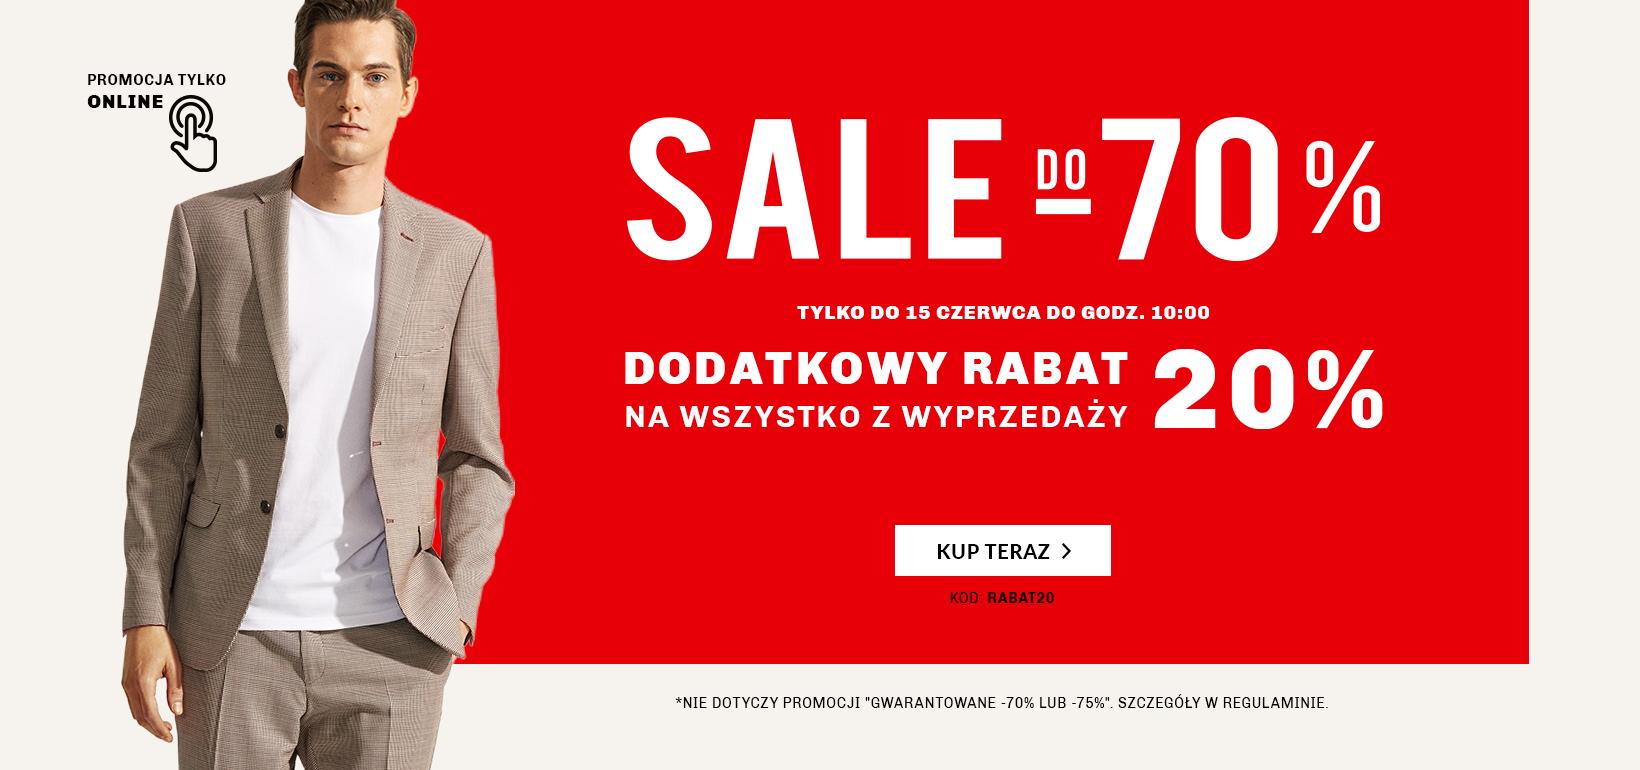 Dodatkowe 20% rabatu na wyprzedaż do -70% na Vistula.pl